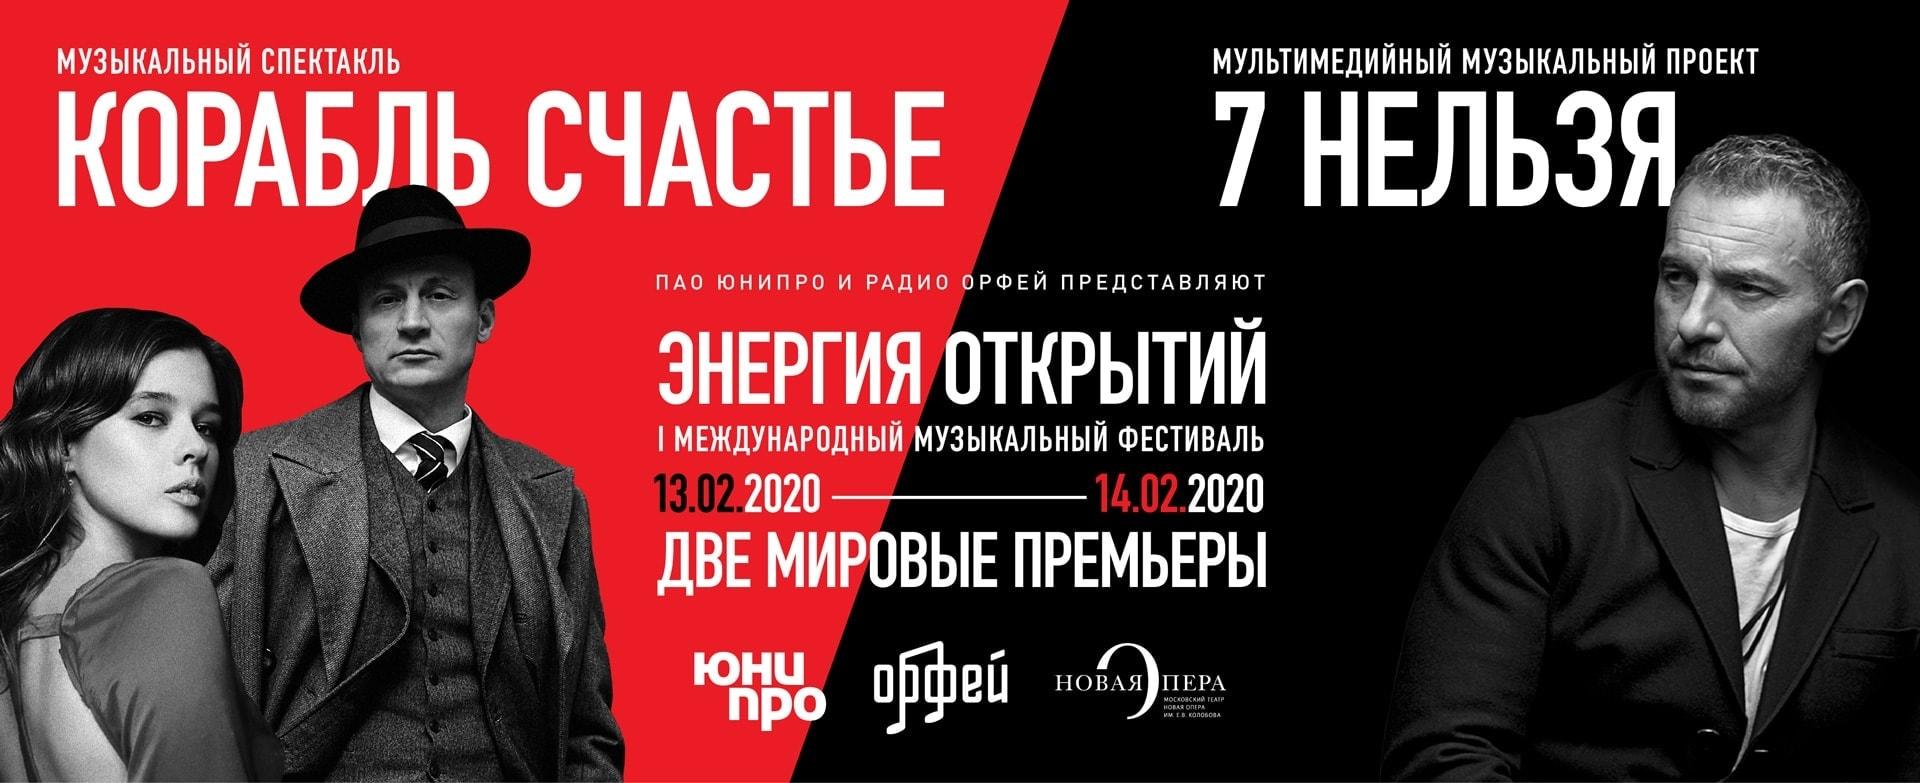 Фестиваль в «Новой опере» откроет новые имена русских композиторов